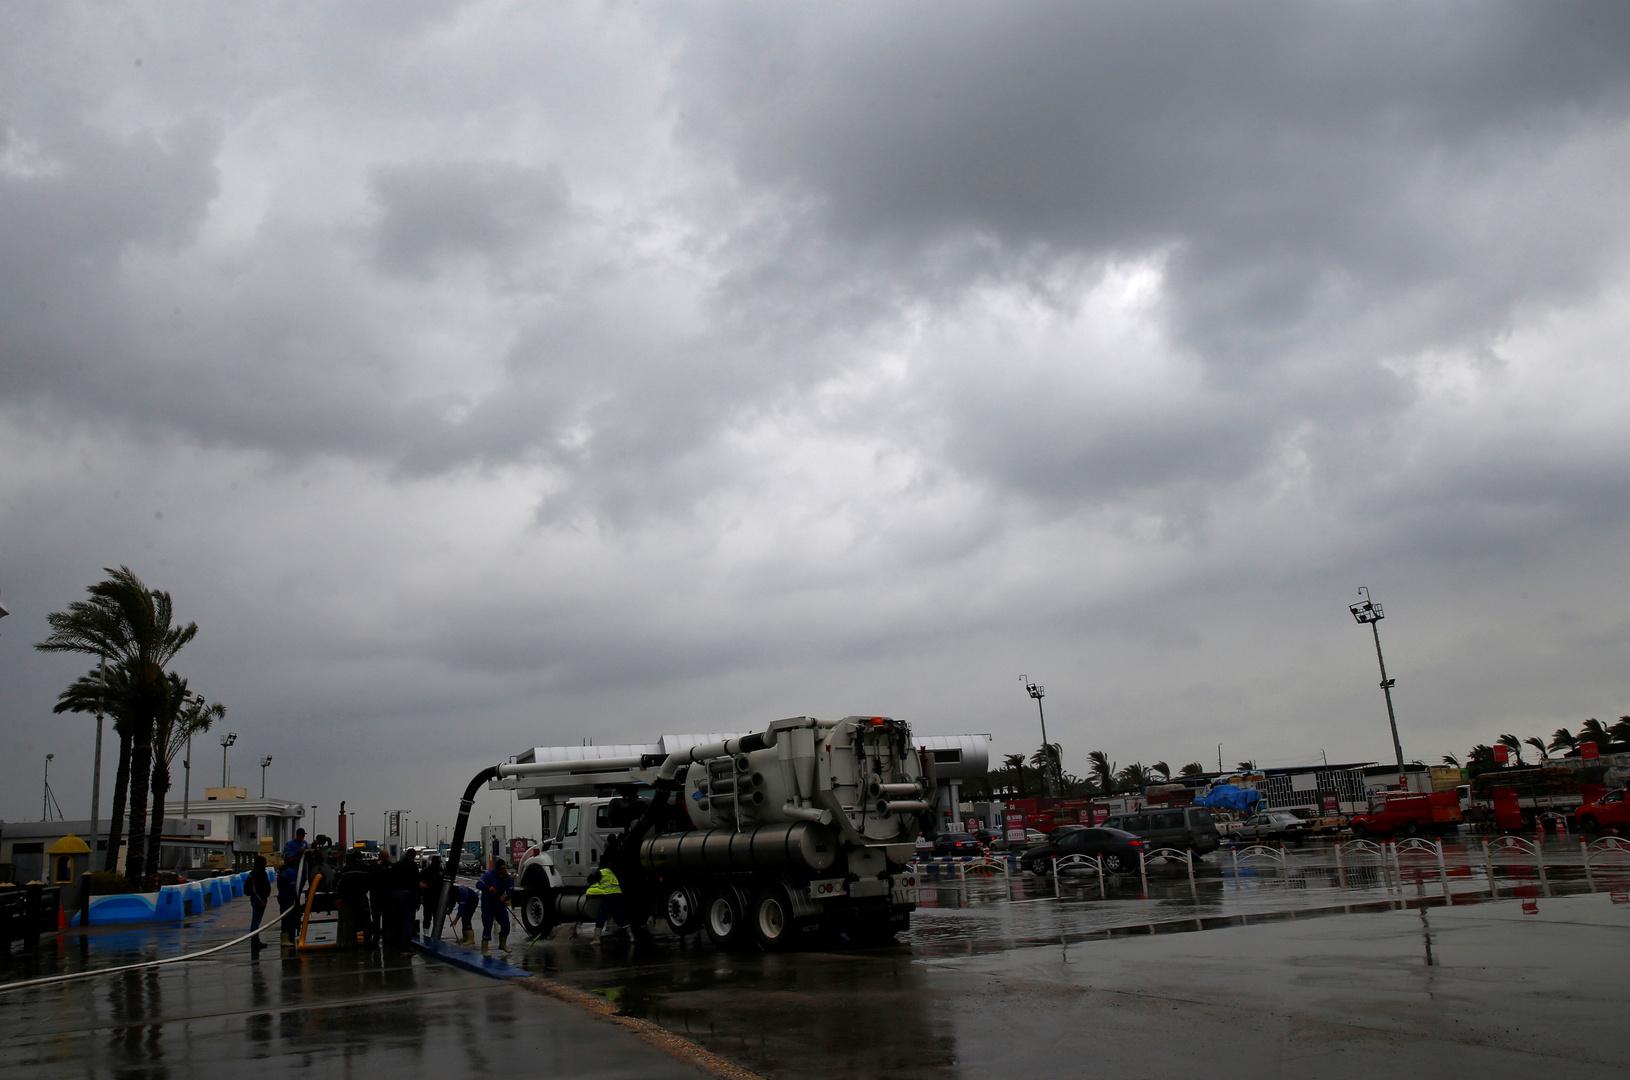 عمال يزيلون المياه بعد هطول أمطار غزيرة بسبب سوء الأحوال الجوية في مدينة الإسكندرية بمصر